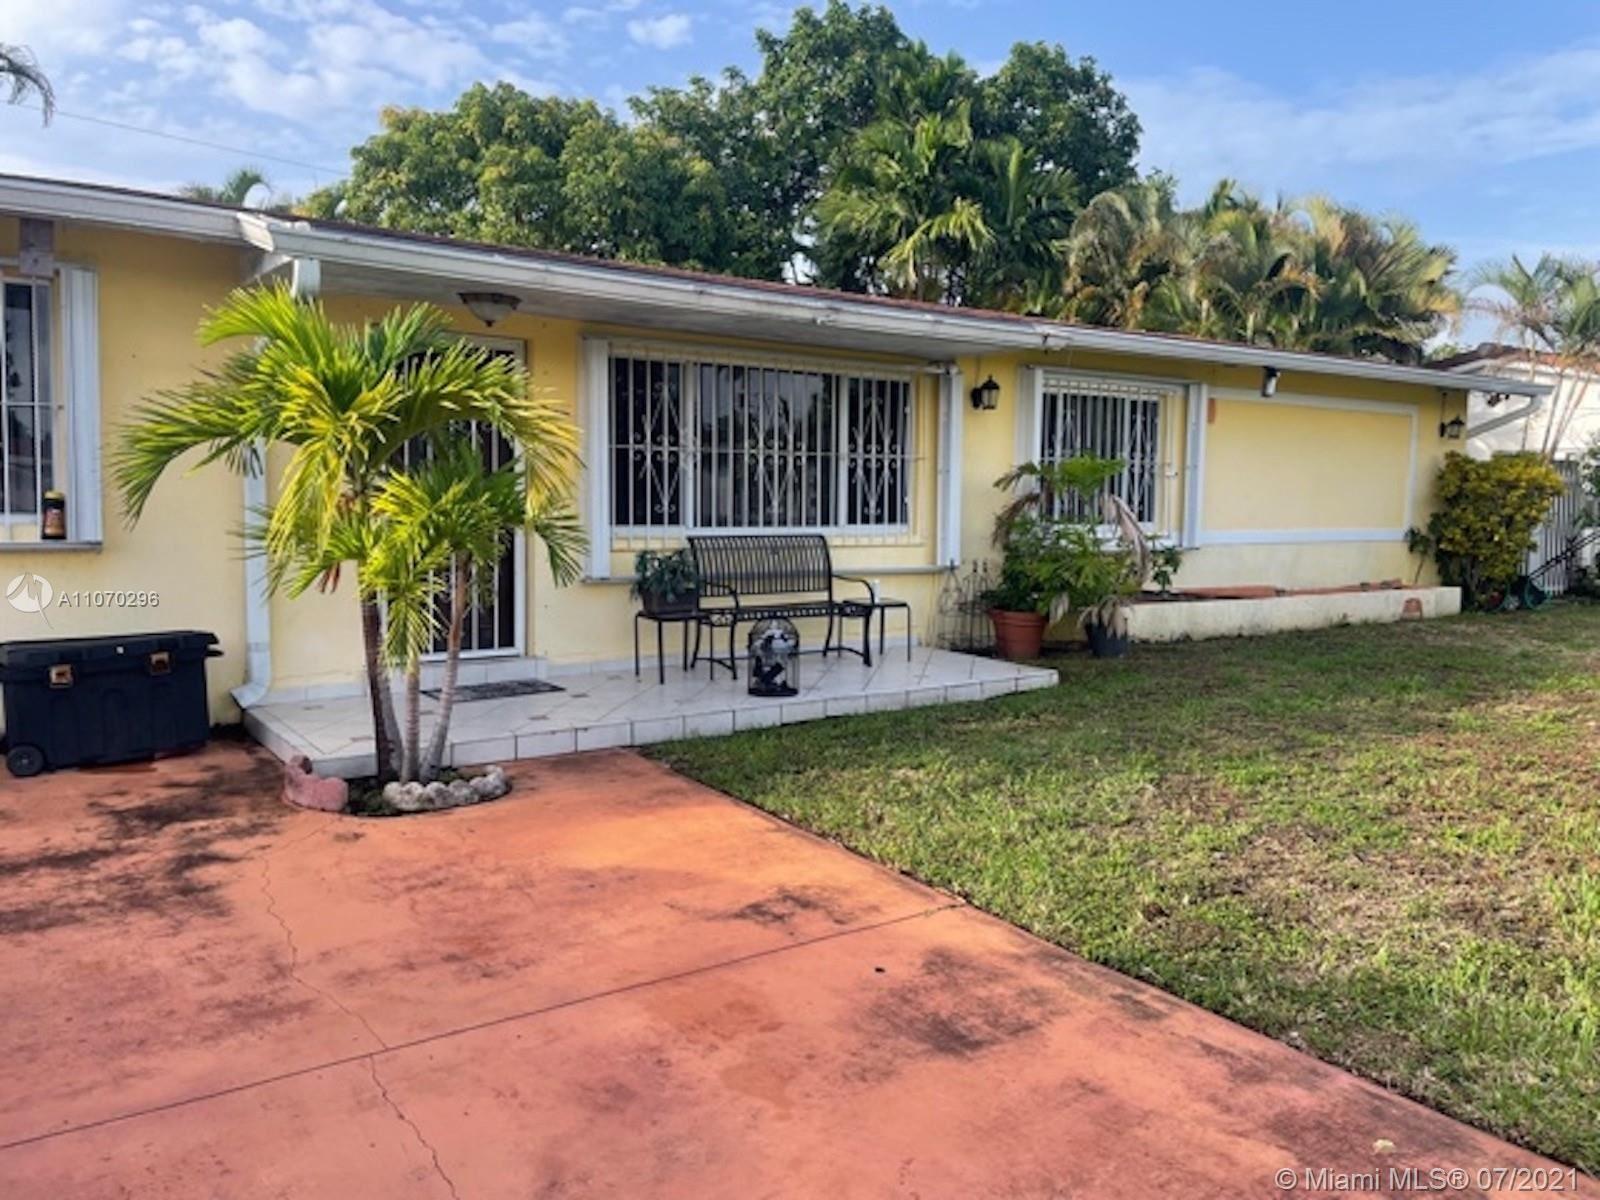 8951 SW 21st St, Miami, FL 33165 - MLS#: A11070296